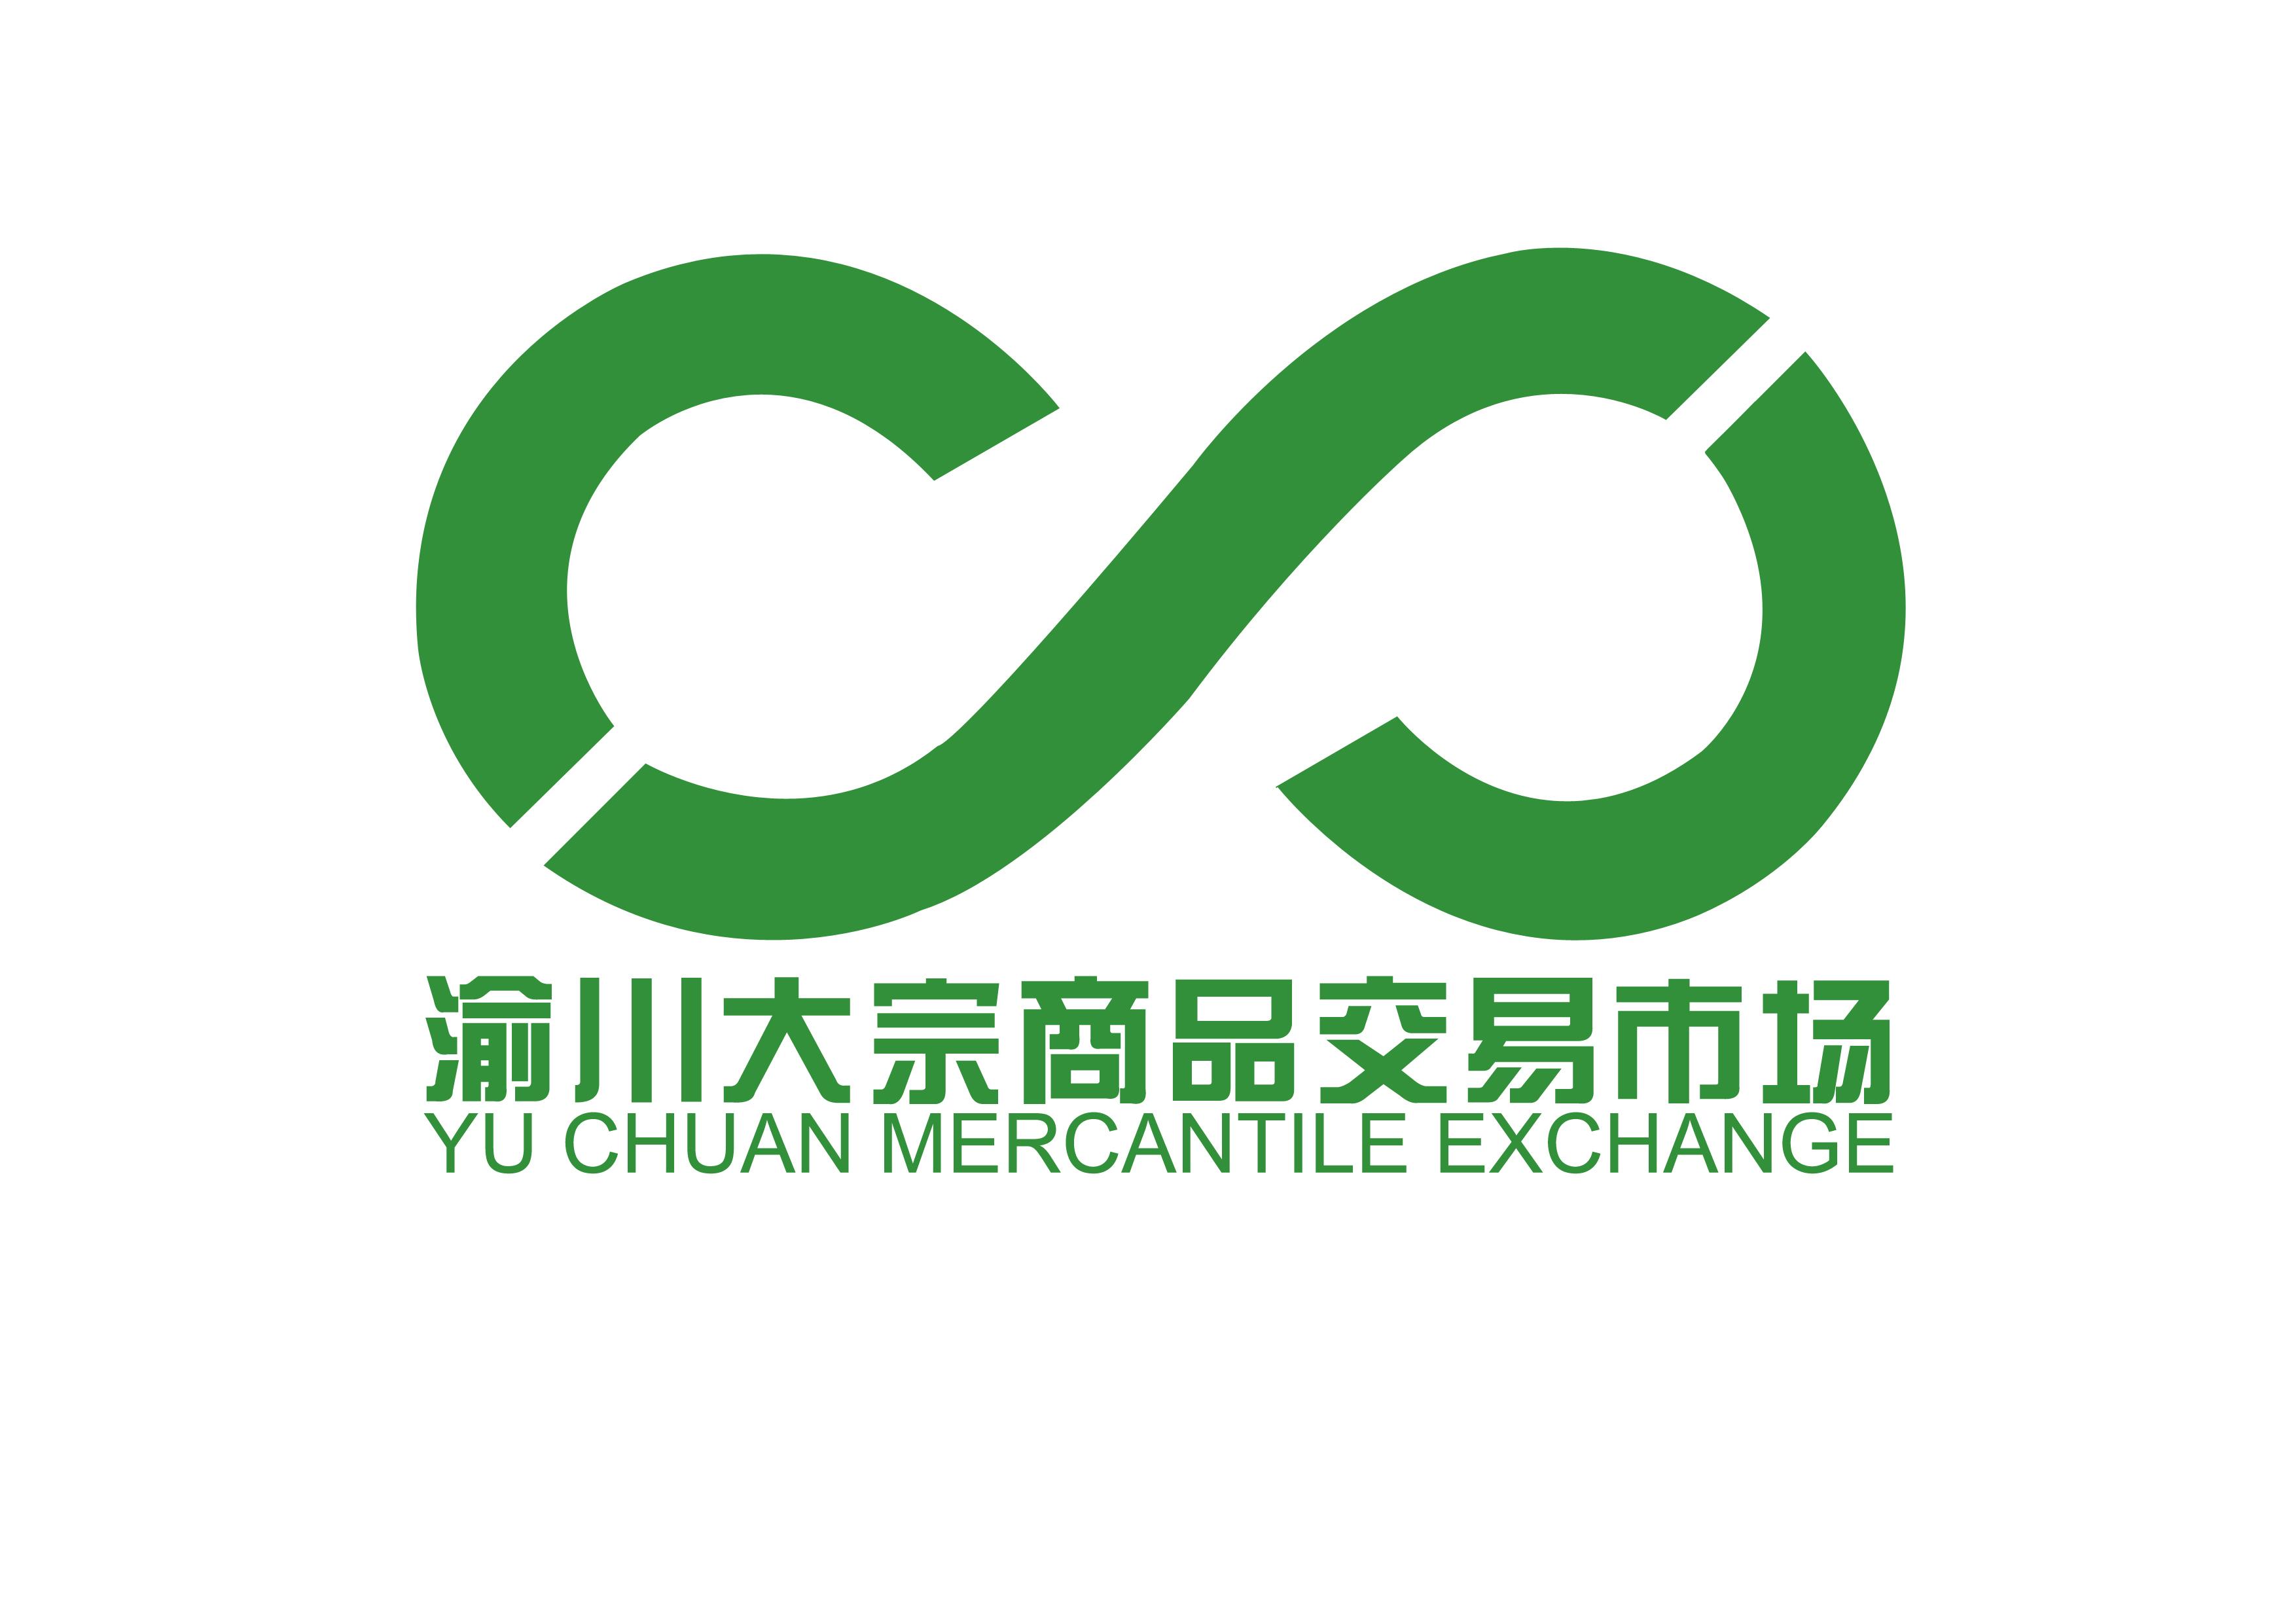 渝川大宗商品交易市场